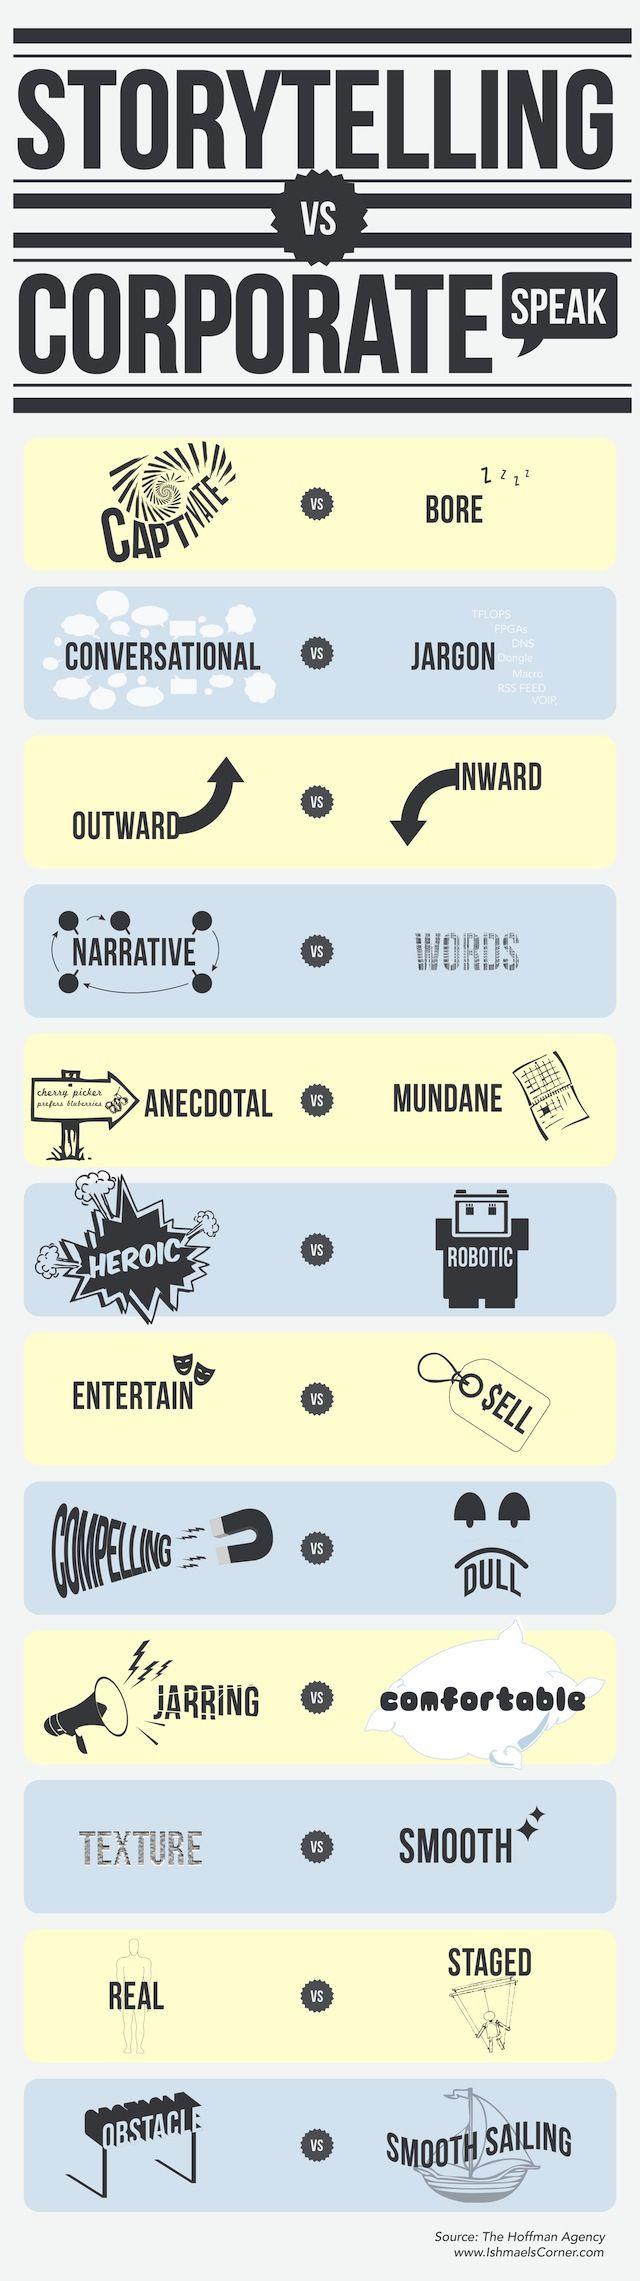 Storytelling vs corporate speak [infographic]